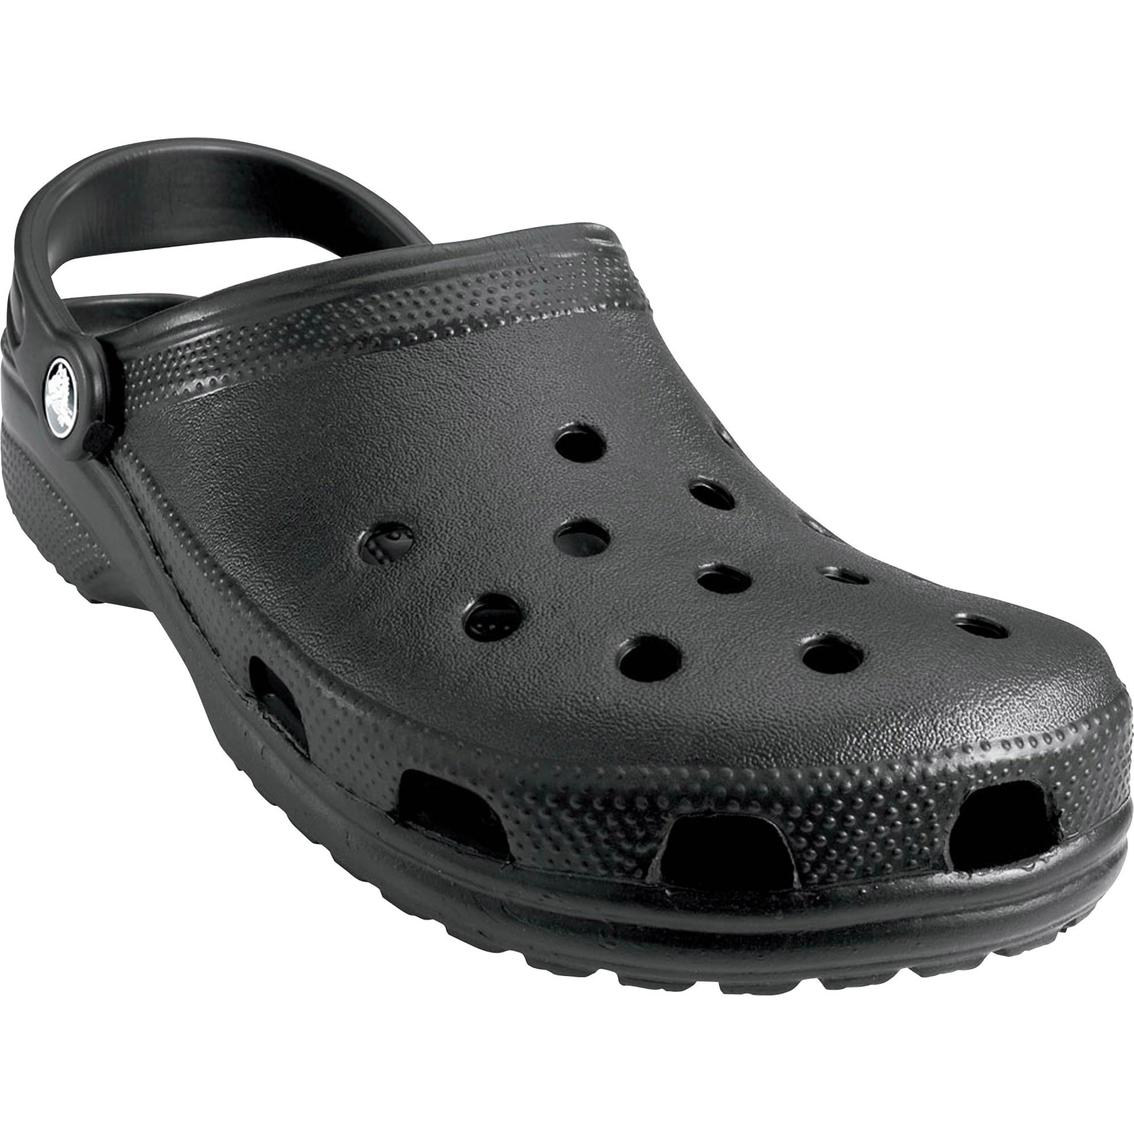 9eb5ba51d512 Crocs Classic Clogs